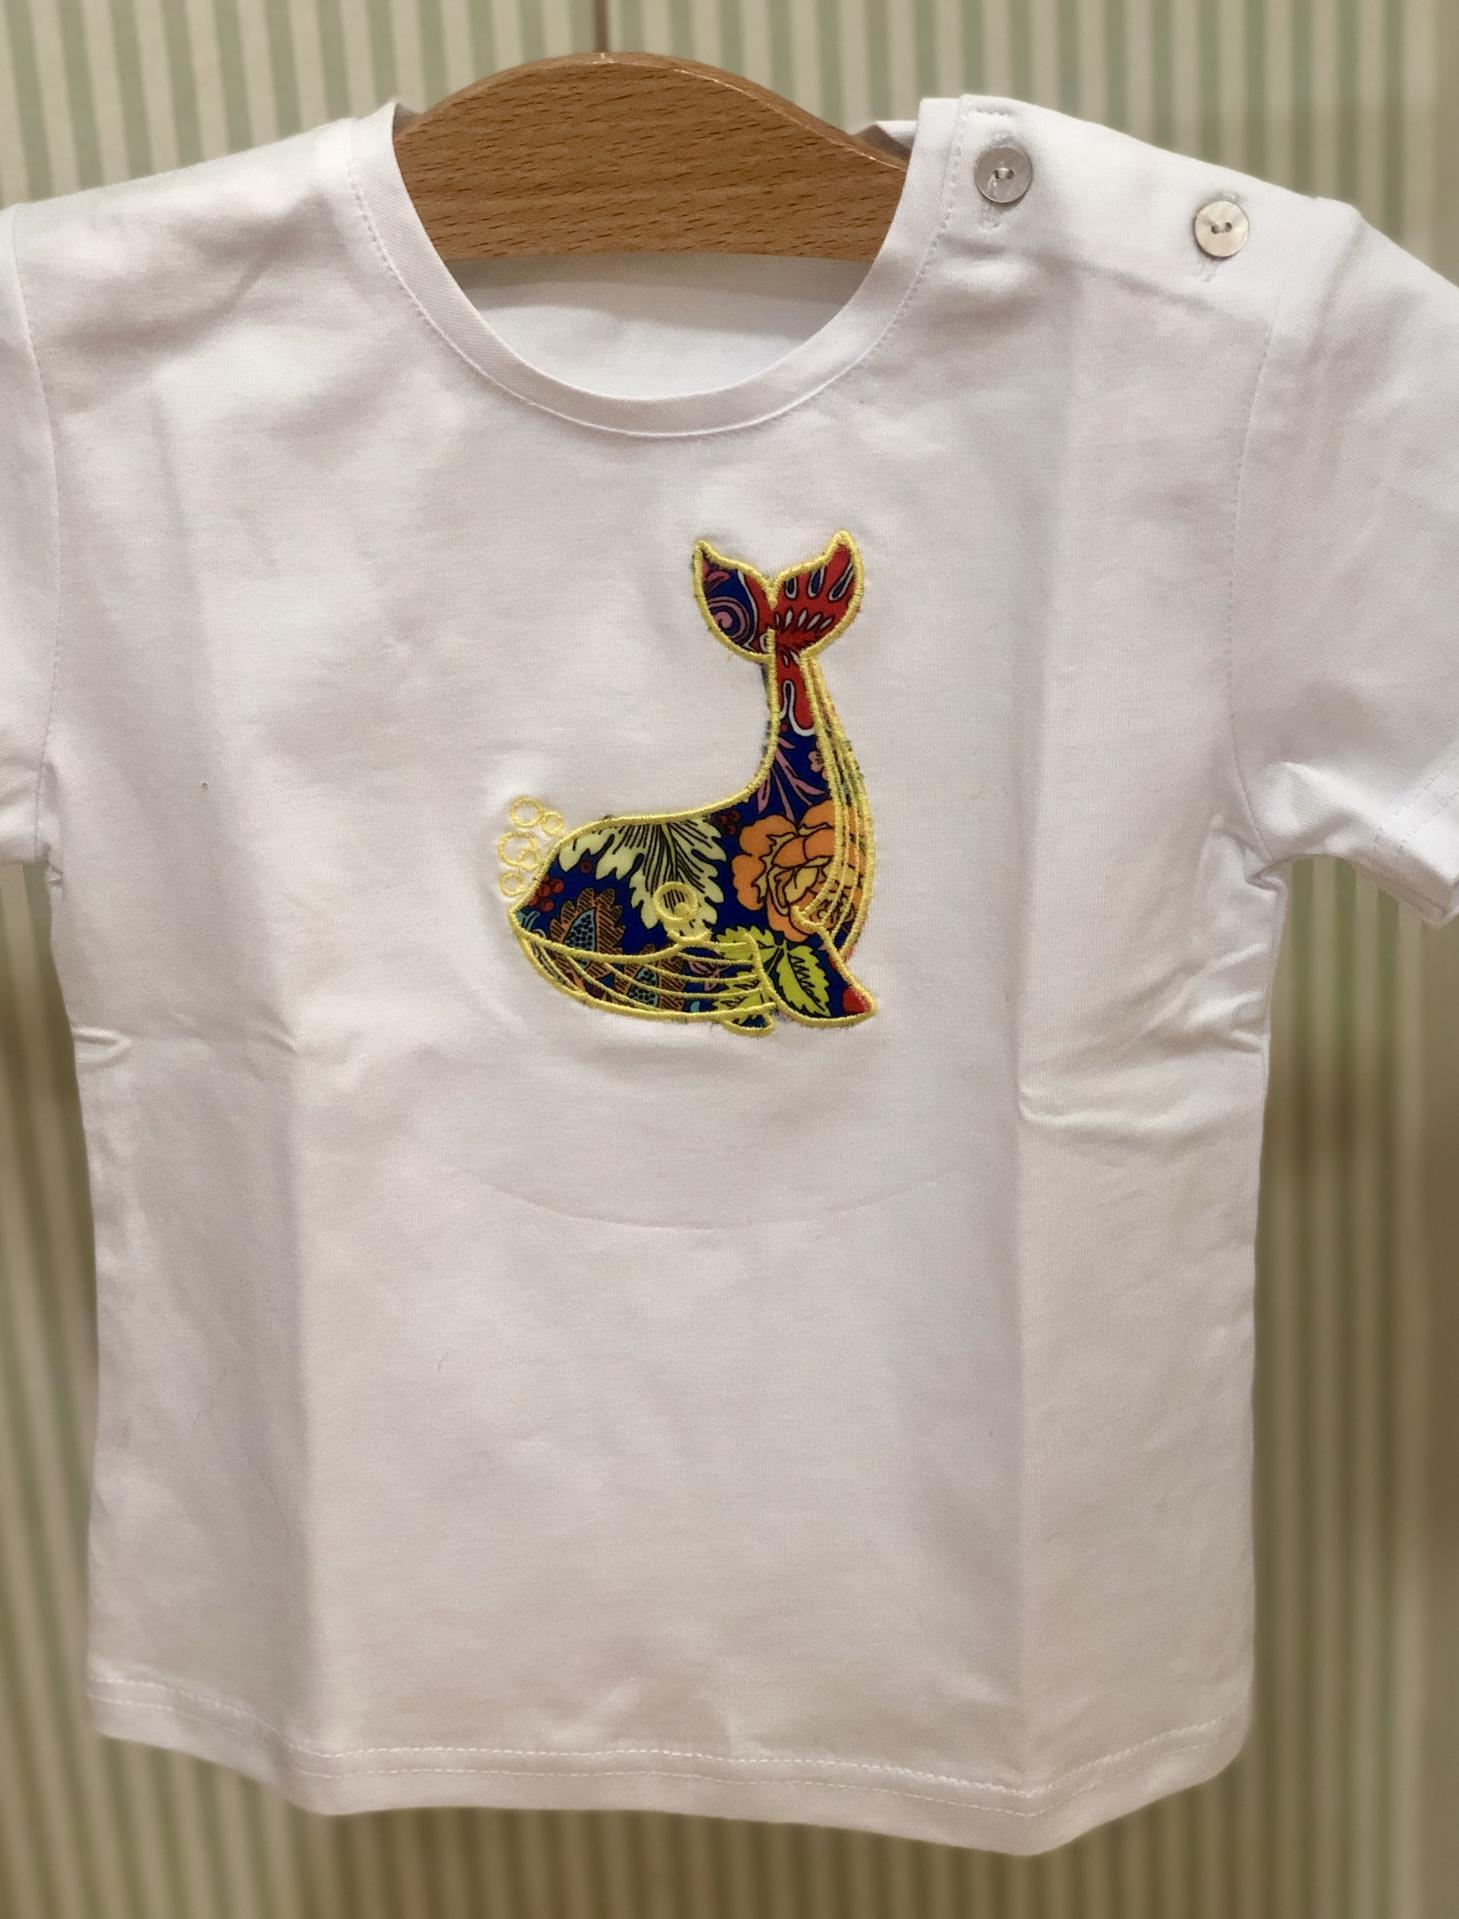 Camiseta con una ballena